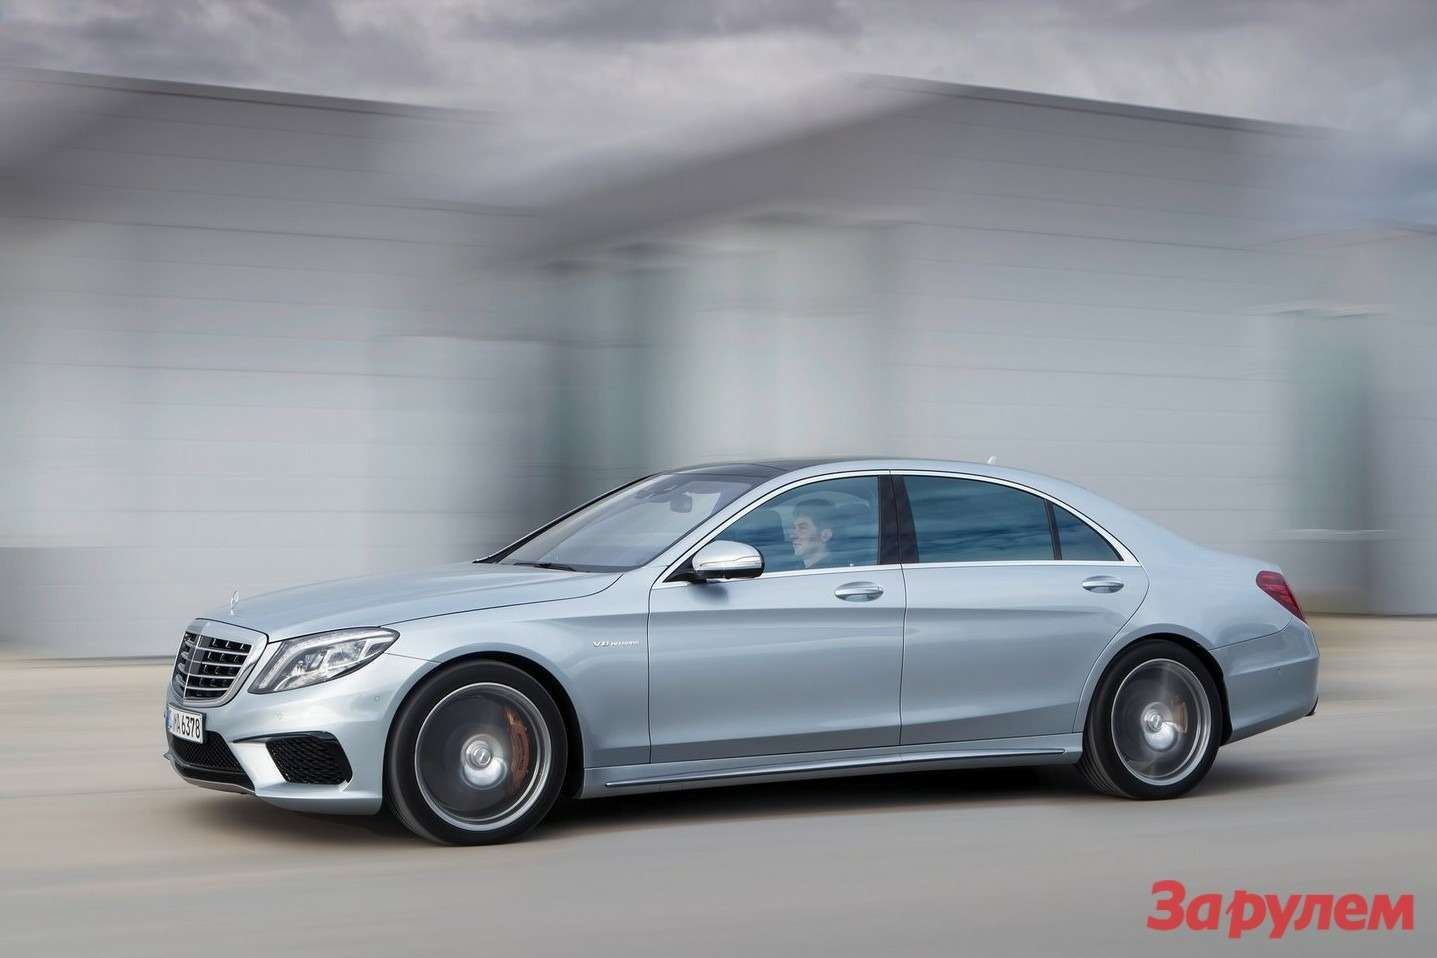 Mercedes Benz S63AMG 2014 1600x1200 wallpaper 10